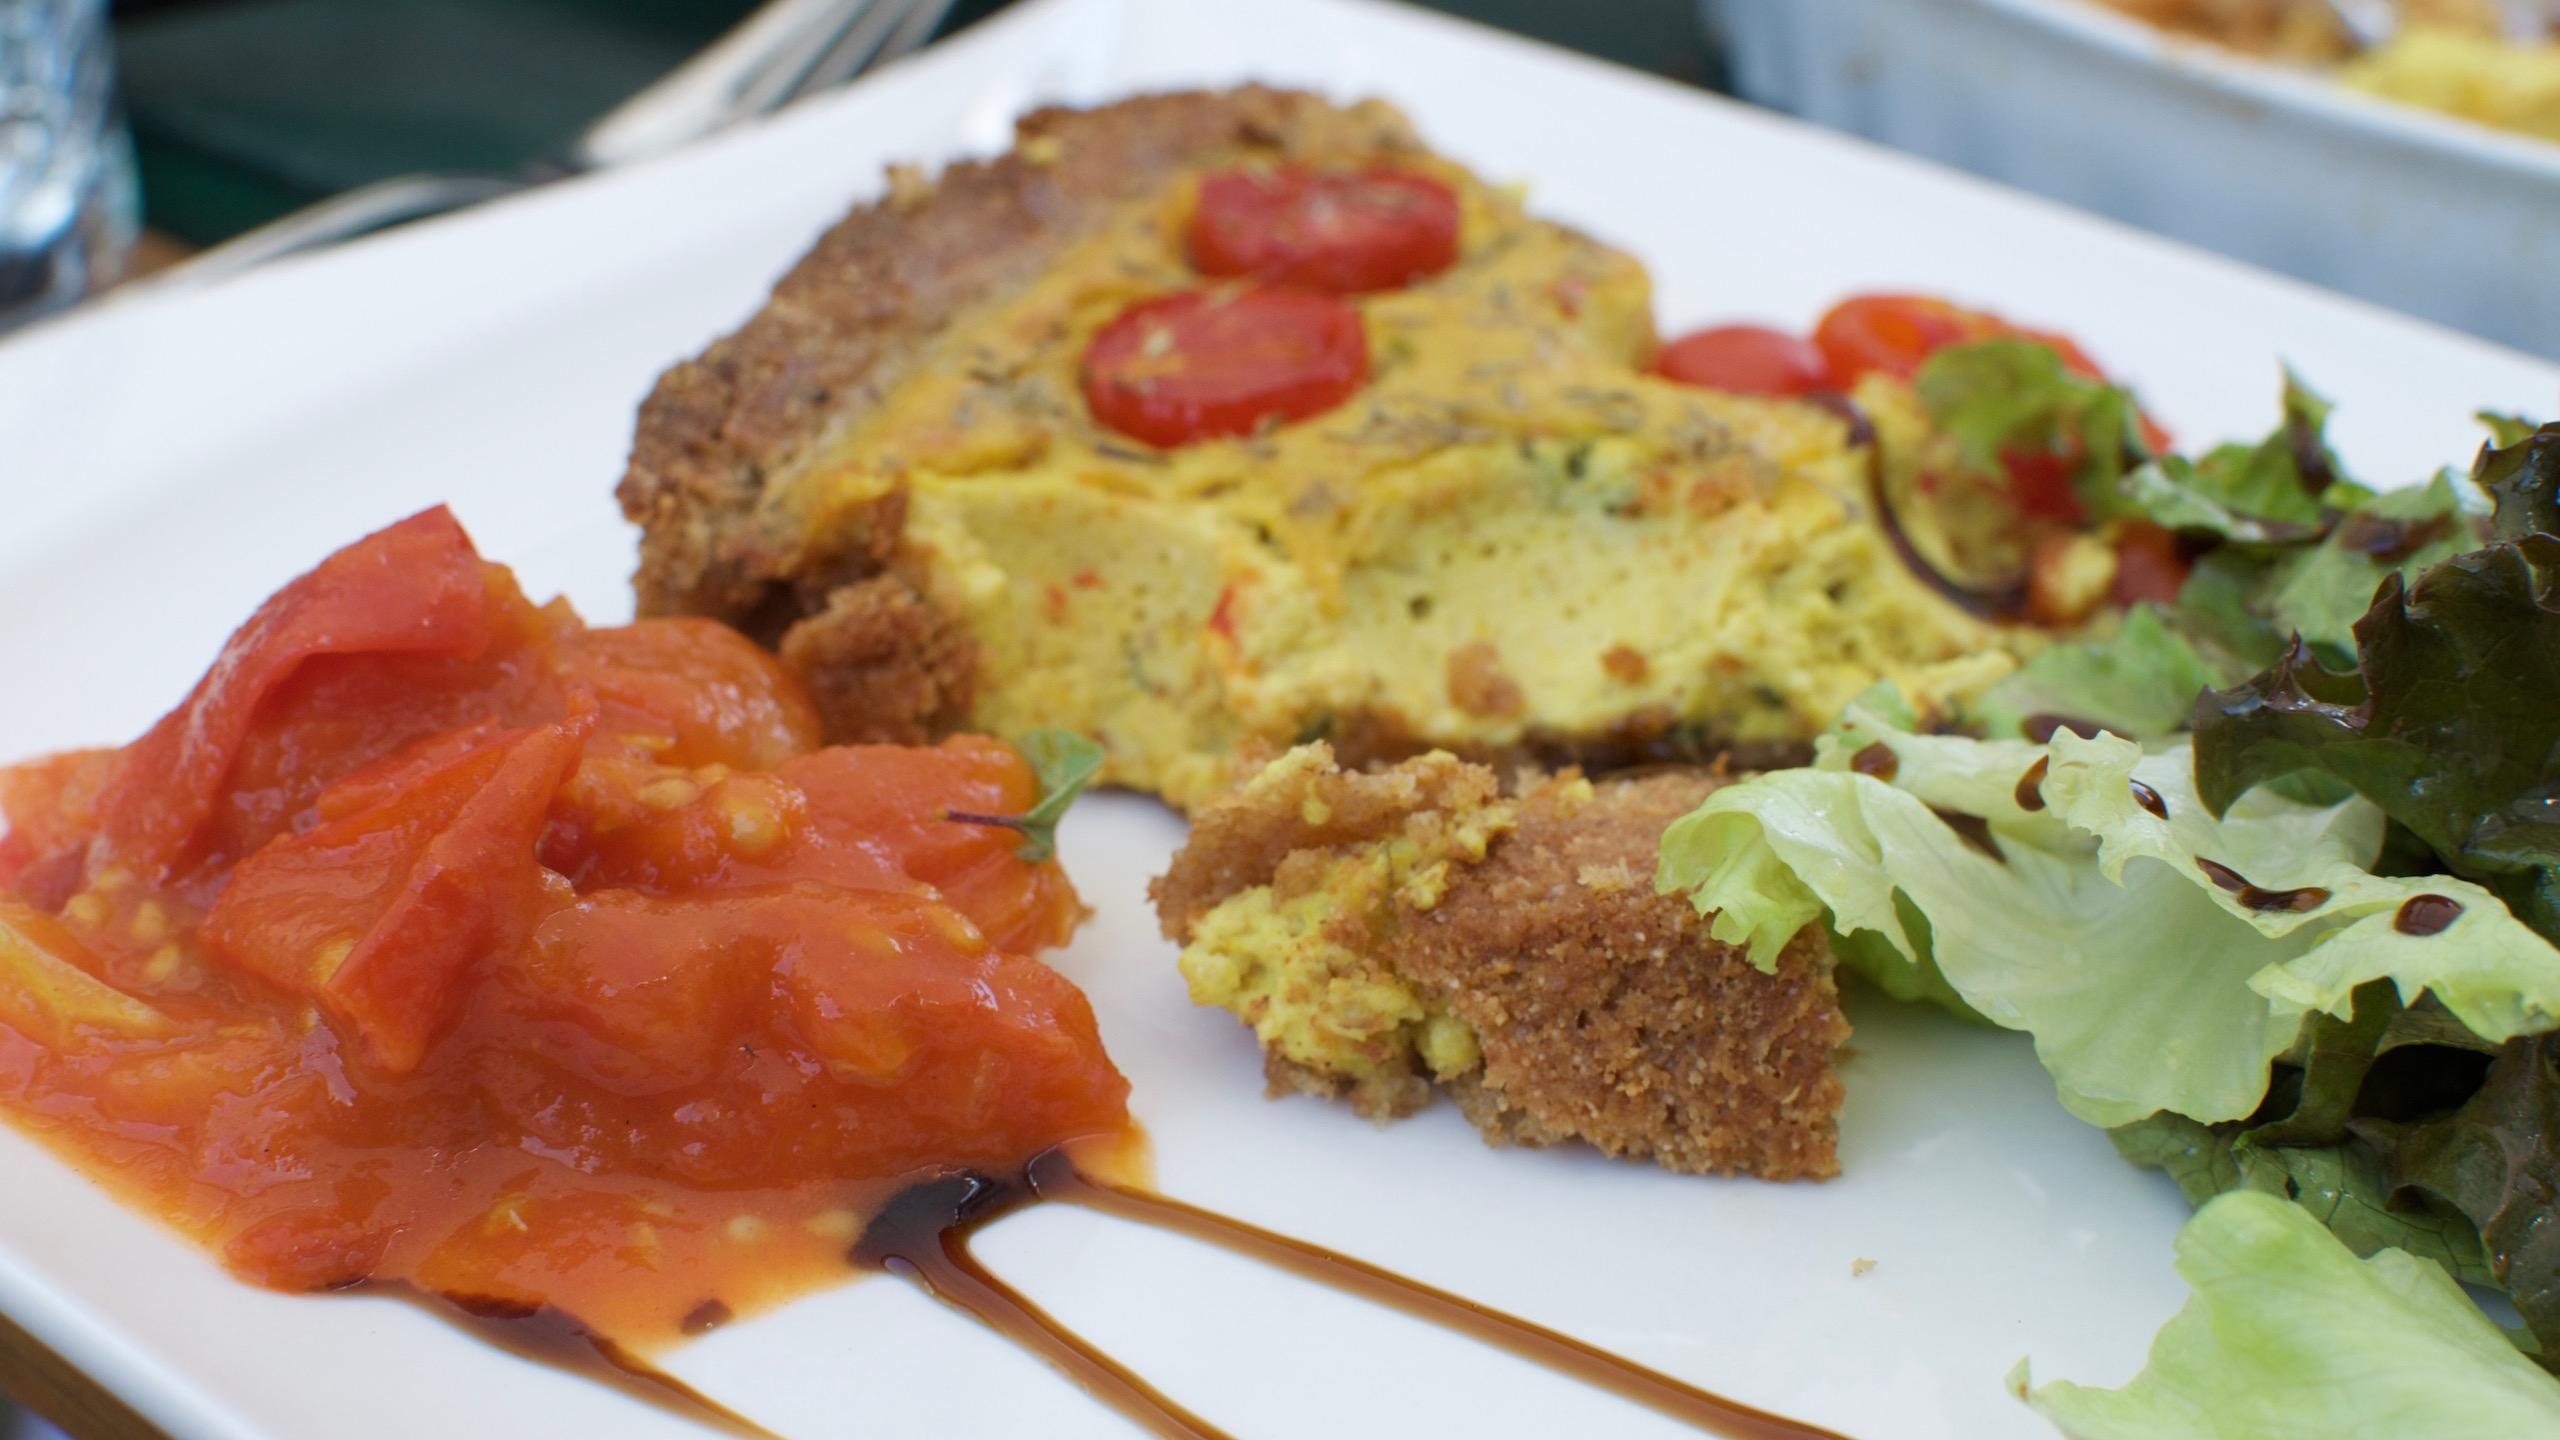 Ofentomaten, Quiche mit Salat drapiert auf einem weissen Teller